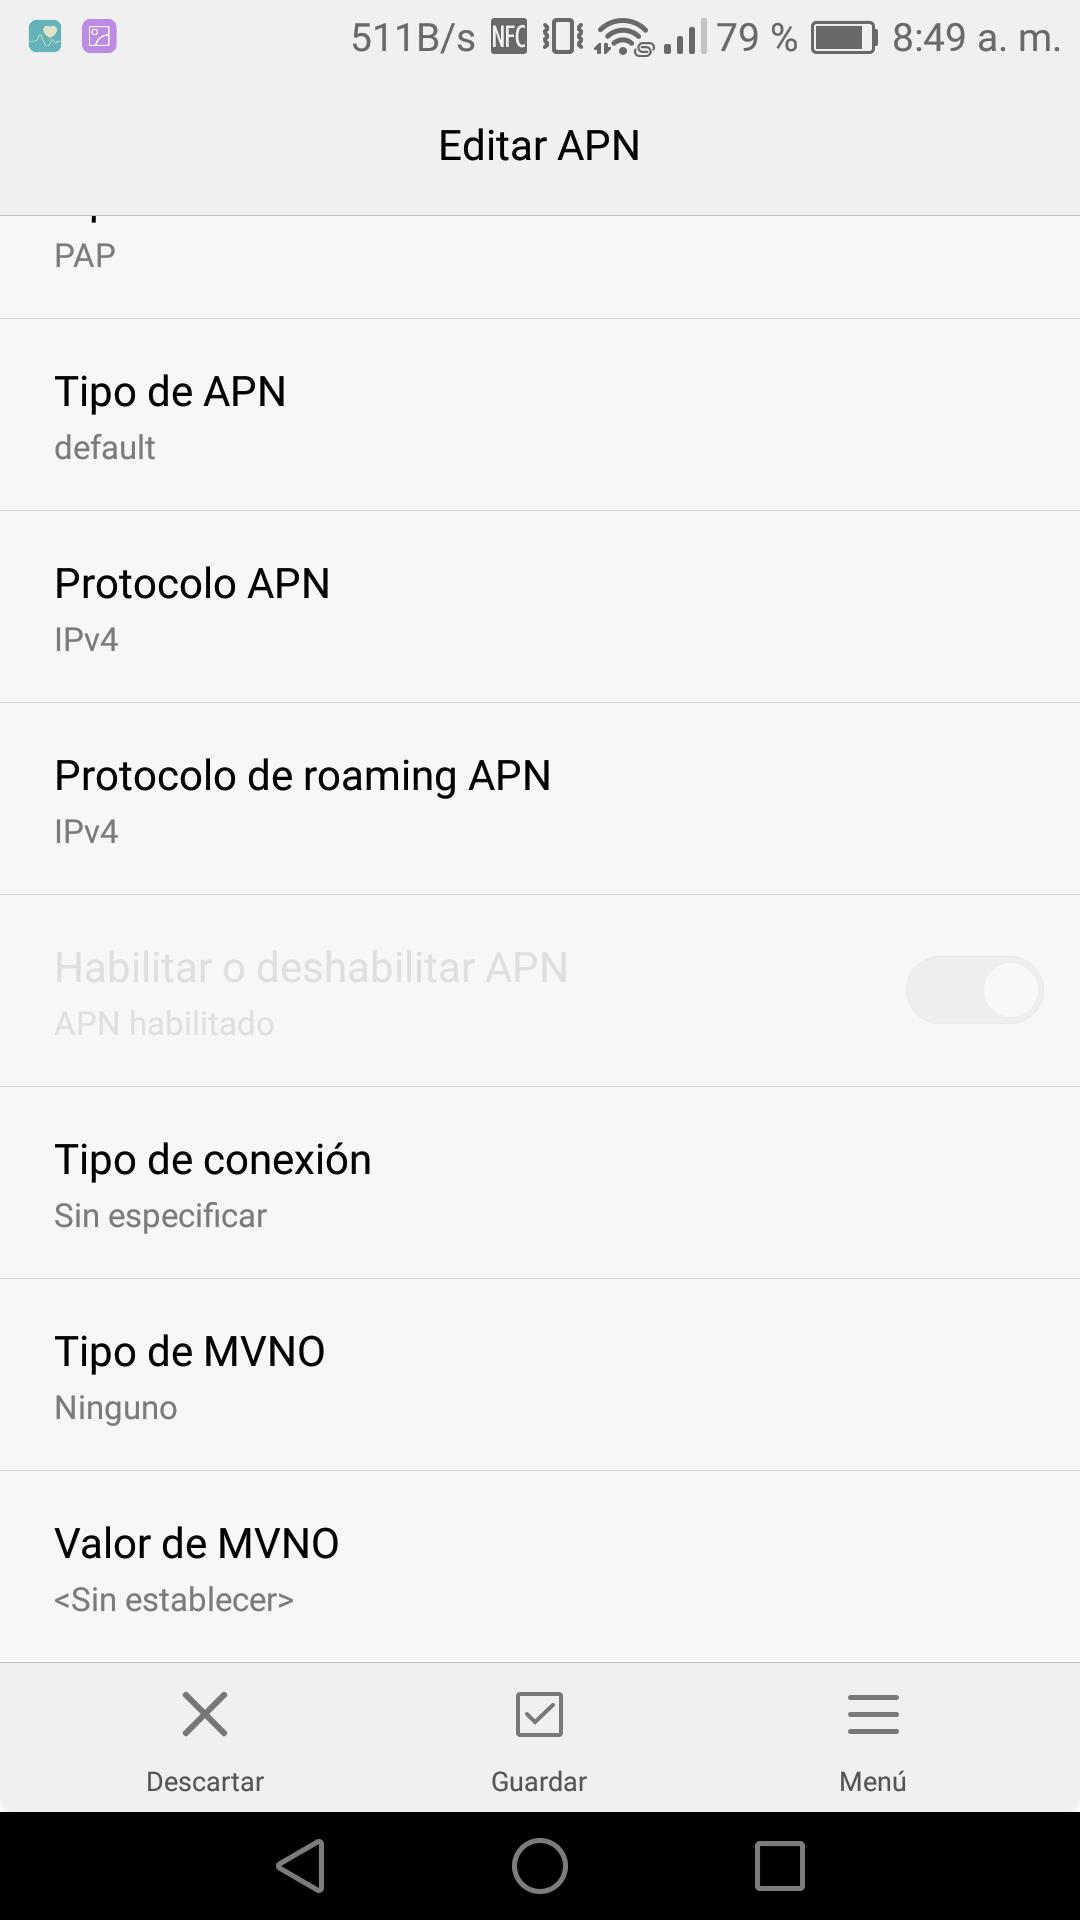 42f9b5b14d0 Solucionado: [Información] Configuración de APN - Comunidad Claro Perú